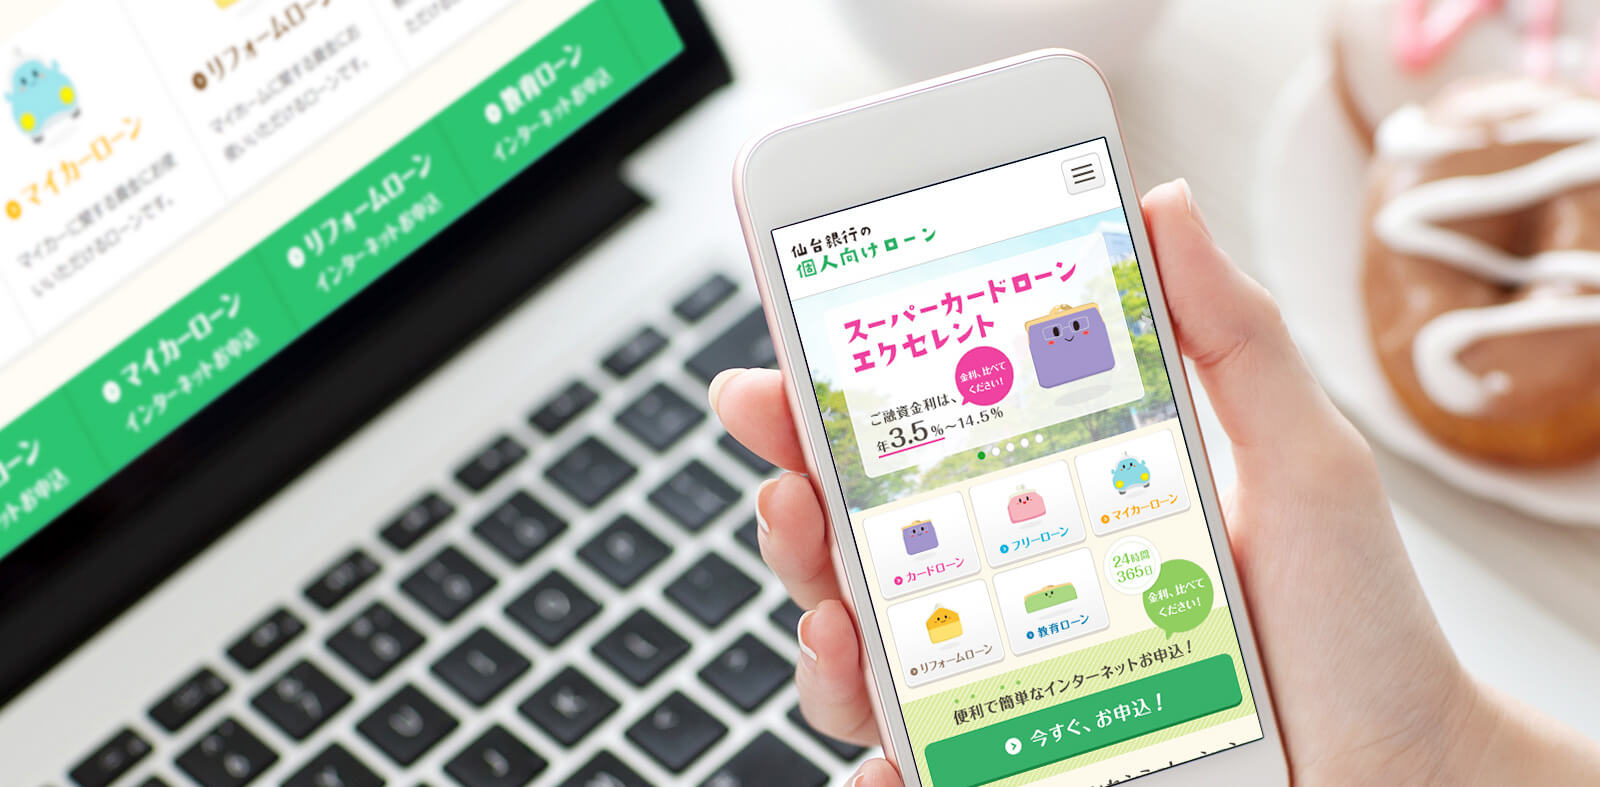 プロモーションの一つとして弊社で作成した、仙台銀行様の個人向けローンのWebページ